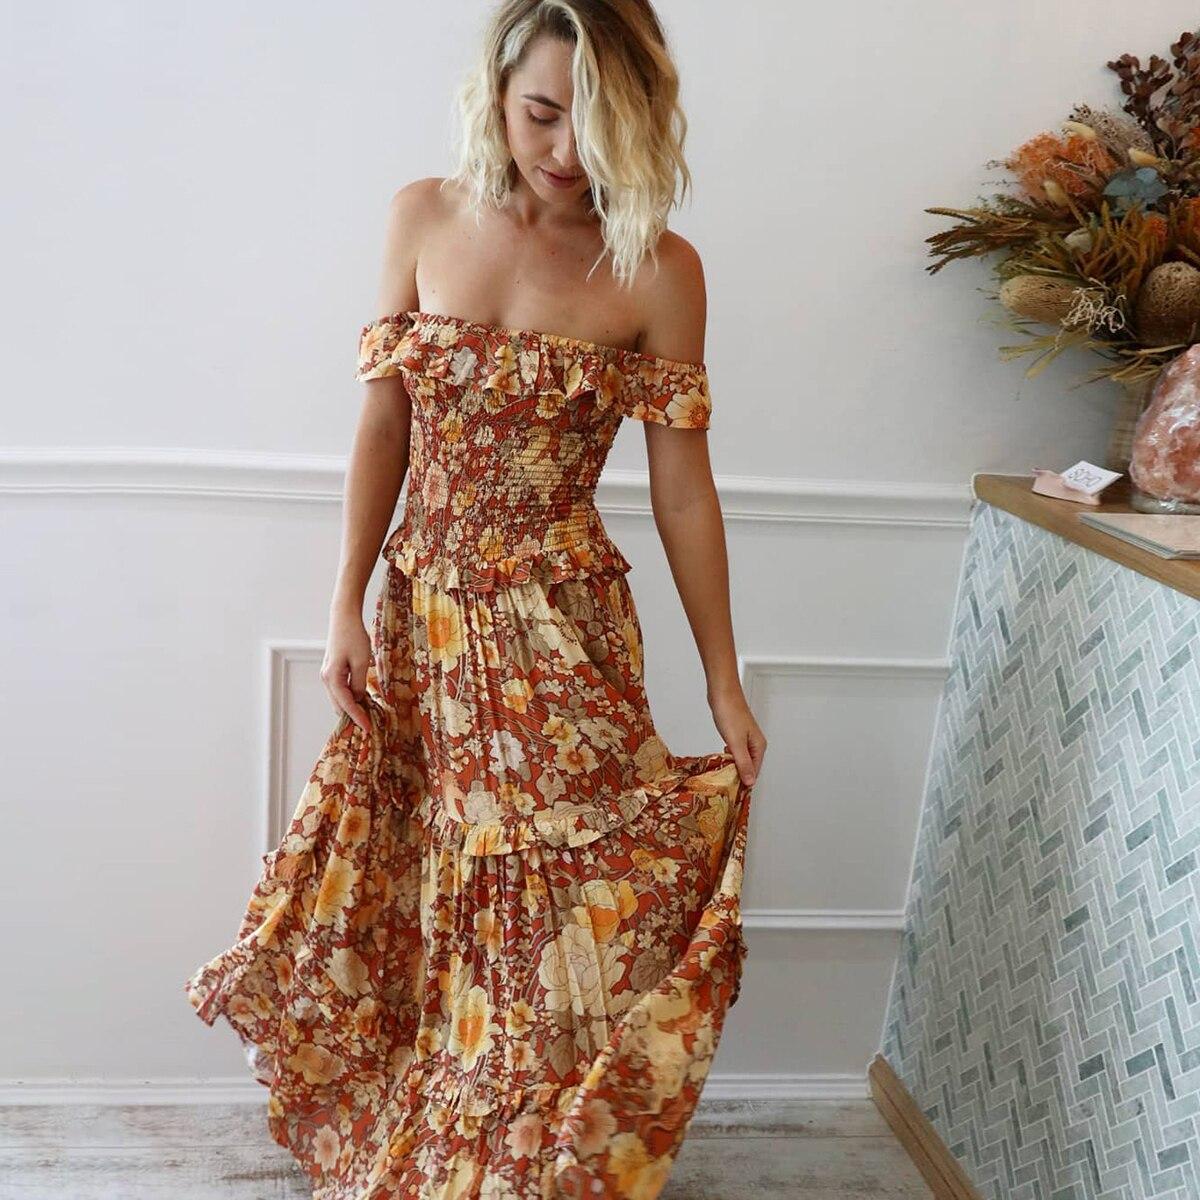 Jastie hors-école plage Sexy robe Vintage imprimé Floral Maxi vêtements 2019 été femmes vêtements Boho robe décontracté Vestidos